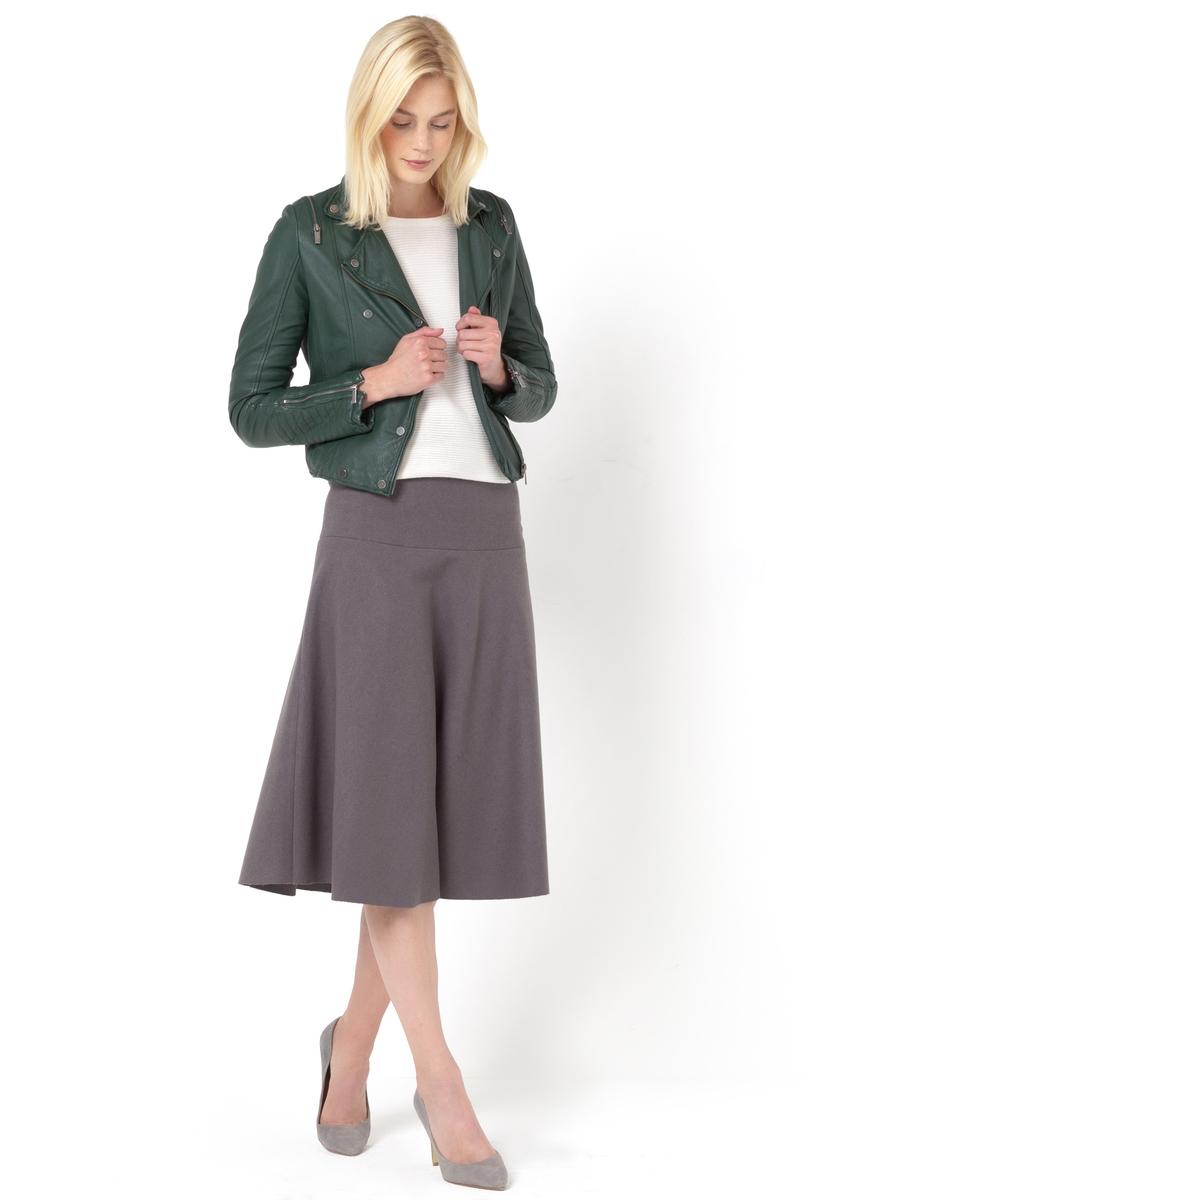 Юбка-миди (из драпа)Длинная юбка R ESSENTIELS. Юбка из драпа. Расклешенный покрой, отрезная на бедрах. Застежка на молнию сбоку. Длина до колена, ок.73 см.  Состав юбки: - в черном цвете: 57% шерсти, 30% полиэстера, 10% акрила, 3% другие волокна.. - в сером цвете: 57% шерсти, 30% шерсти, 10% акрила, 3% других волокон.<br><br>Цвет: серый<br>Размер: 40 (FR) - 46 (RUS)